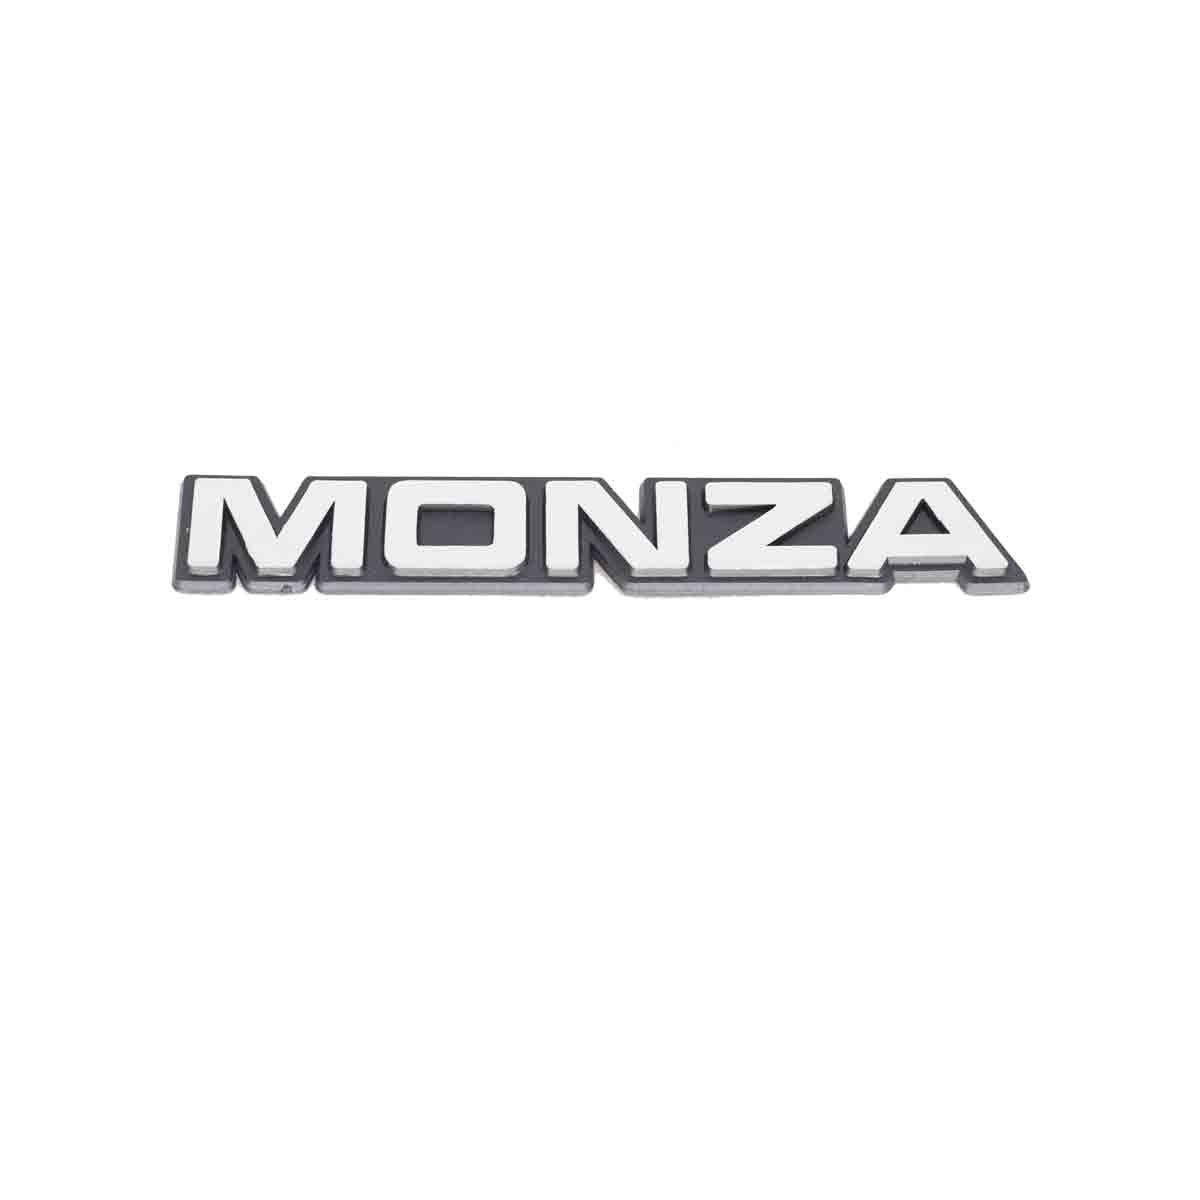 Emblema Monza Antigo Cromado